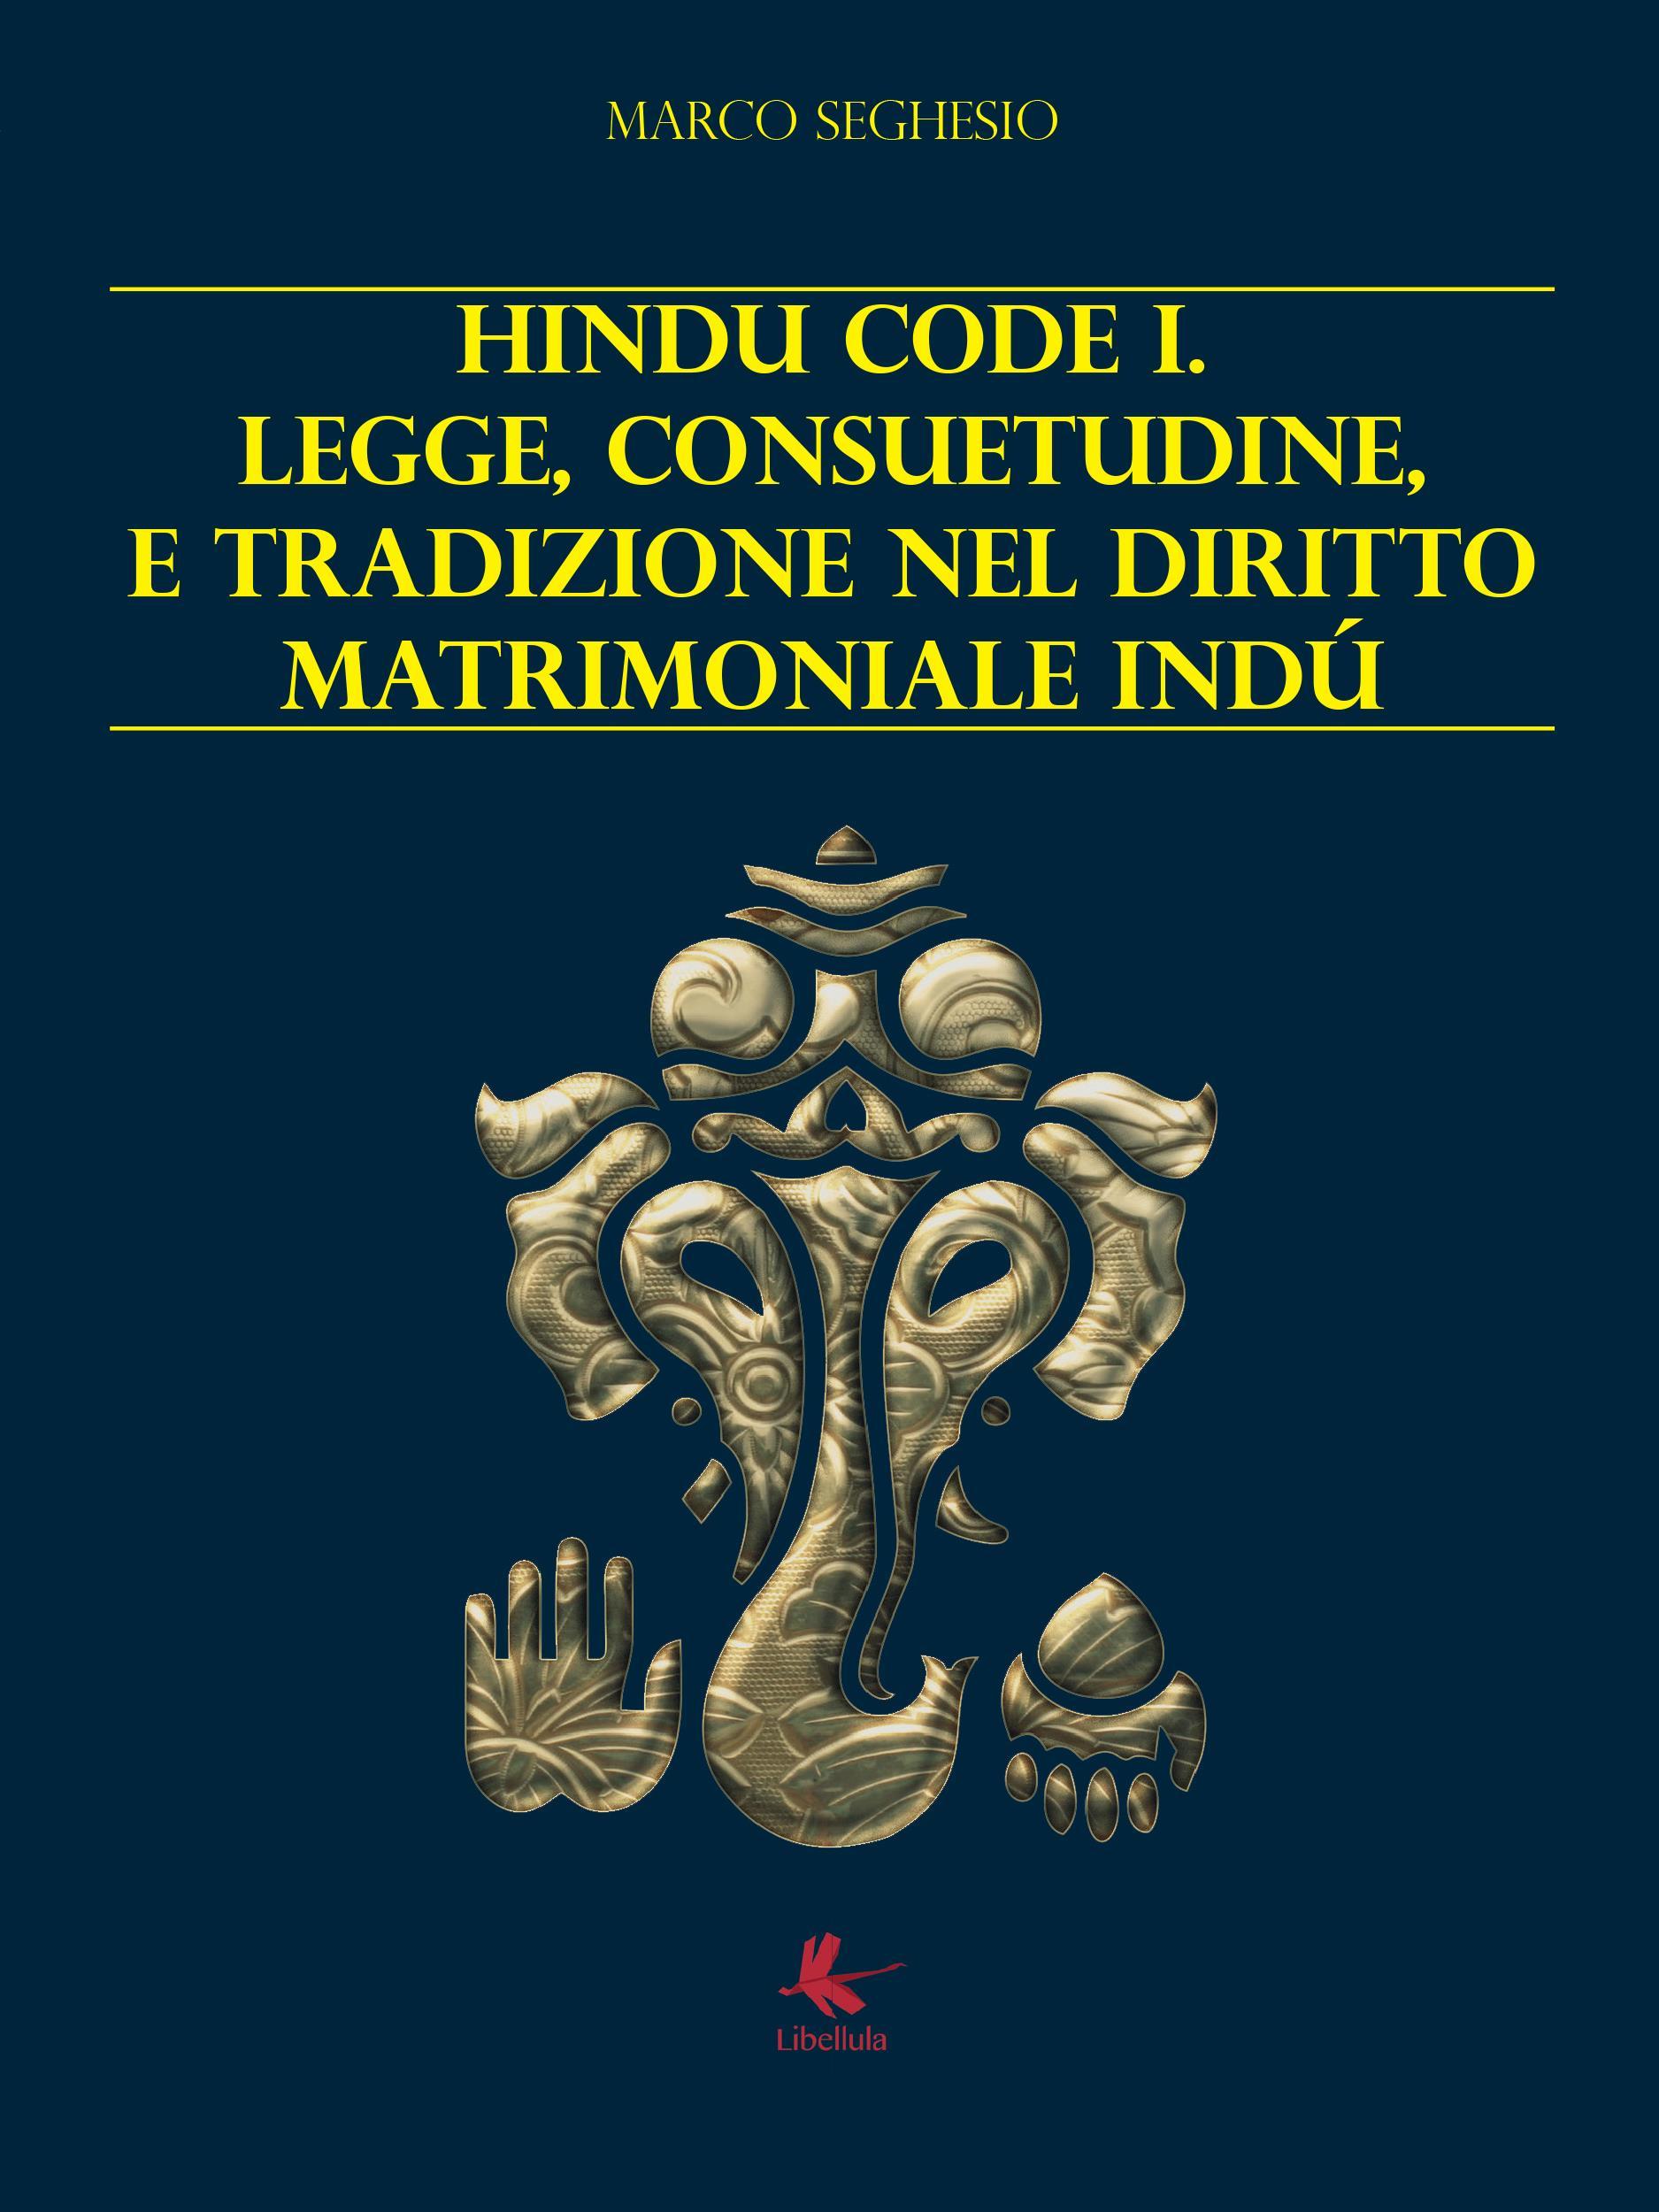 Hindu code 1. Legge, consuetudine e tradizione nel diritto matrimoniale Indù